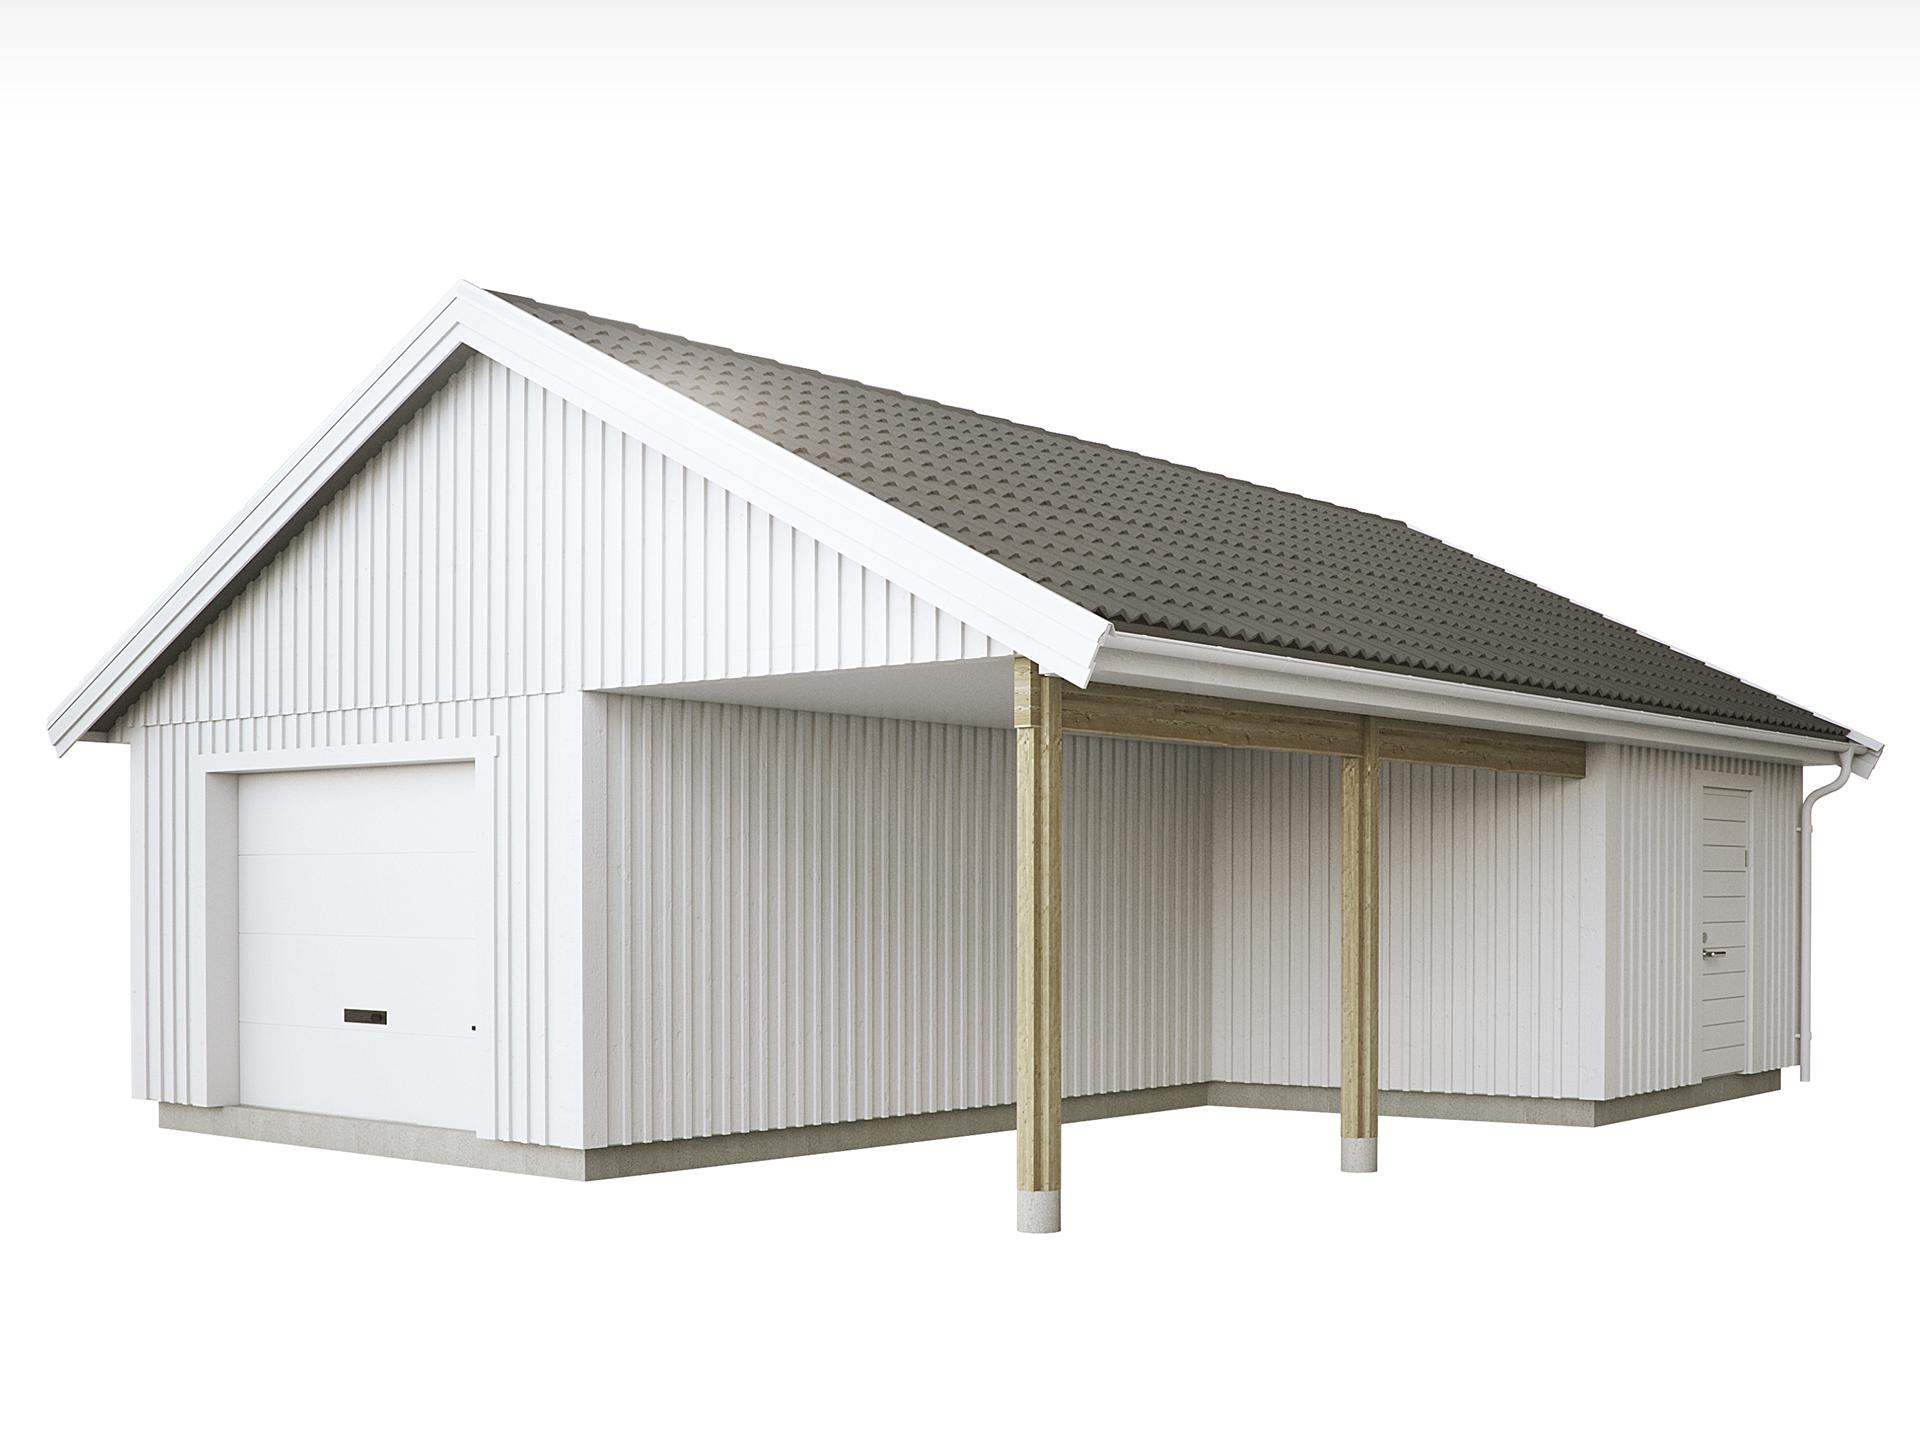 Garage med carport g57 1r myresj hus for Credit garage renault